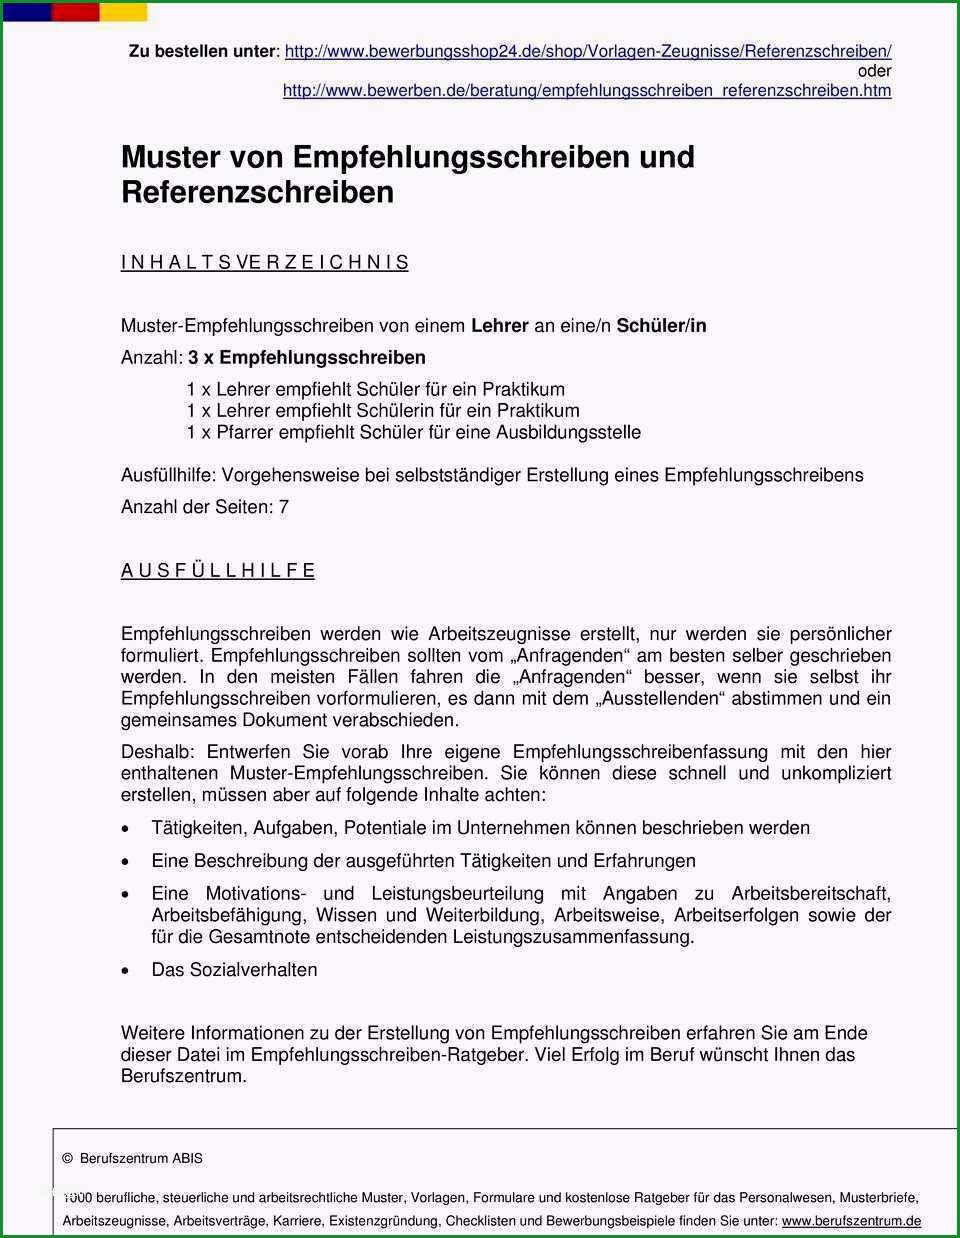 praktikumszeugnis vorlage schuler hubsch muster von empfehlungsschreiben und referenzschreiben pdf